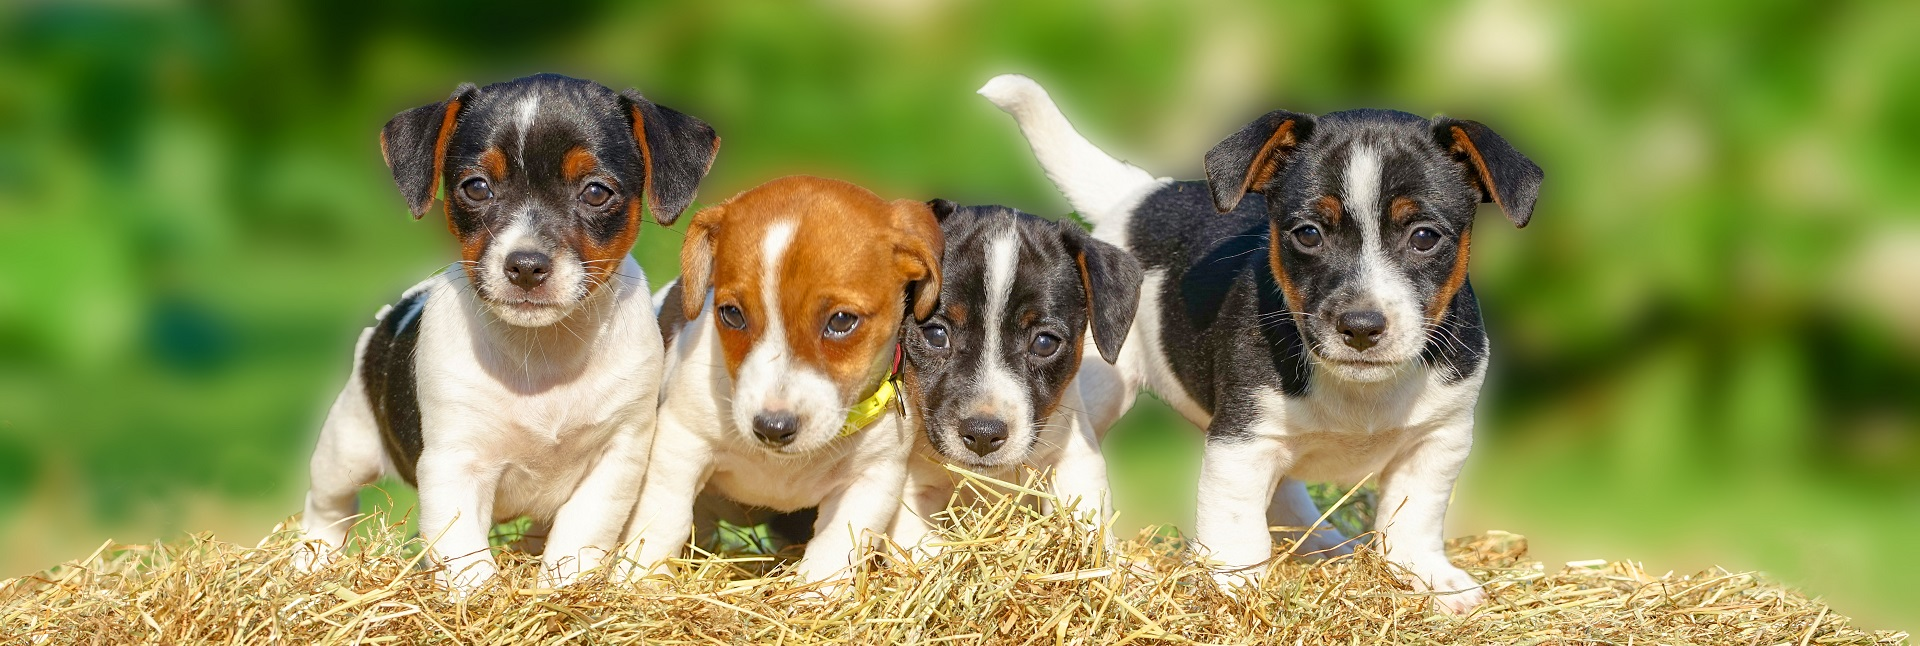 Vier kleine Hundewelpen auf einem Strohballen, Banner